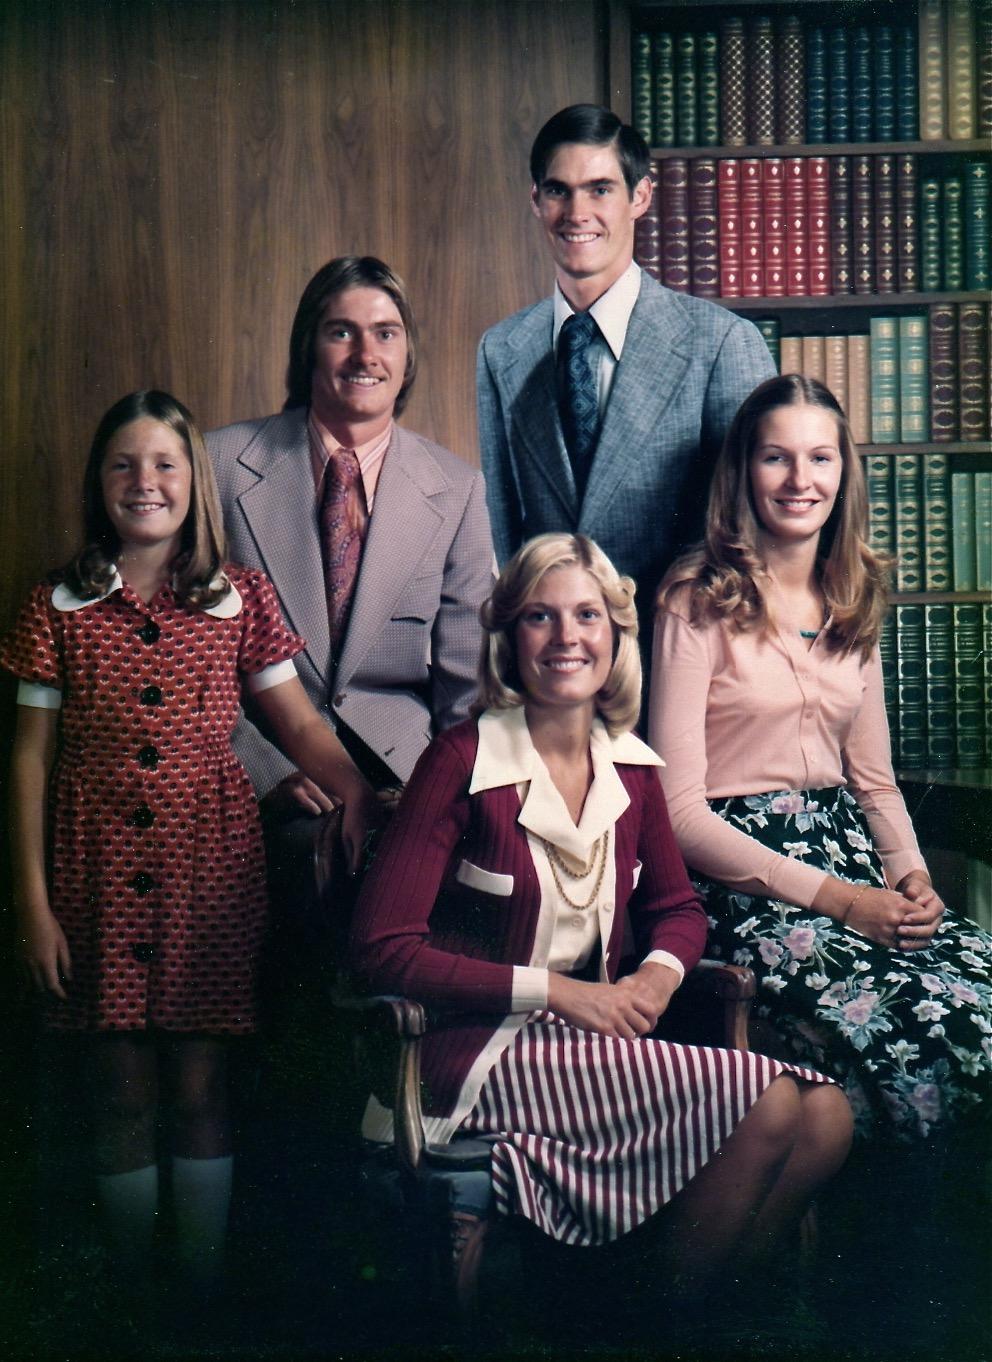 Family Photo - Craig, Ann, Cary, Karen, Kristen -1974